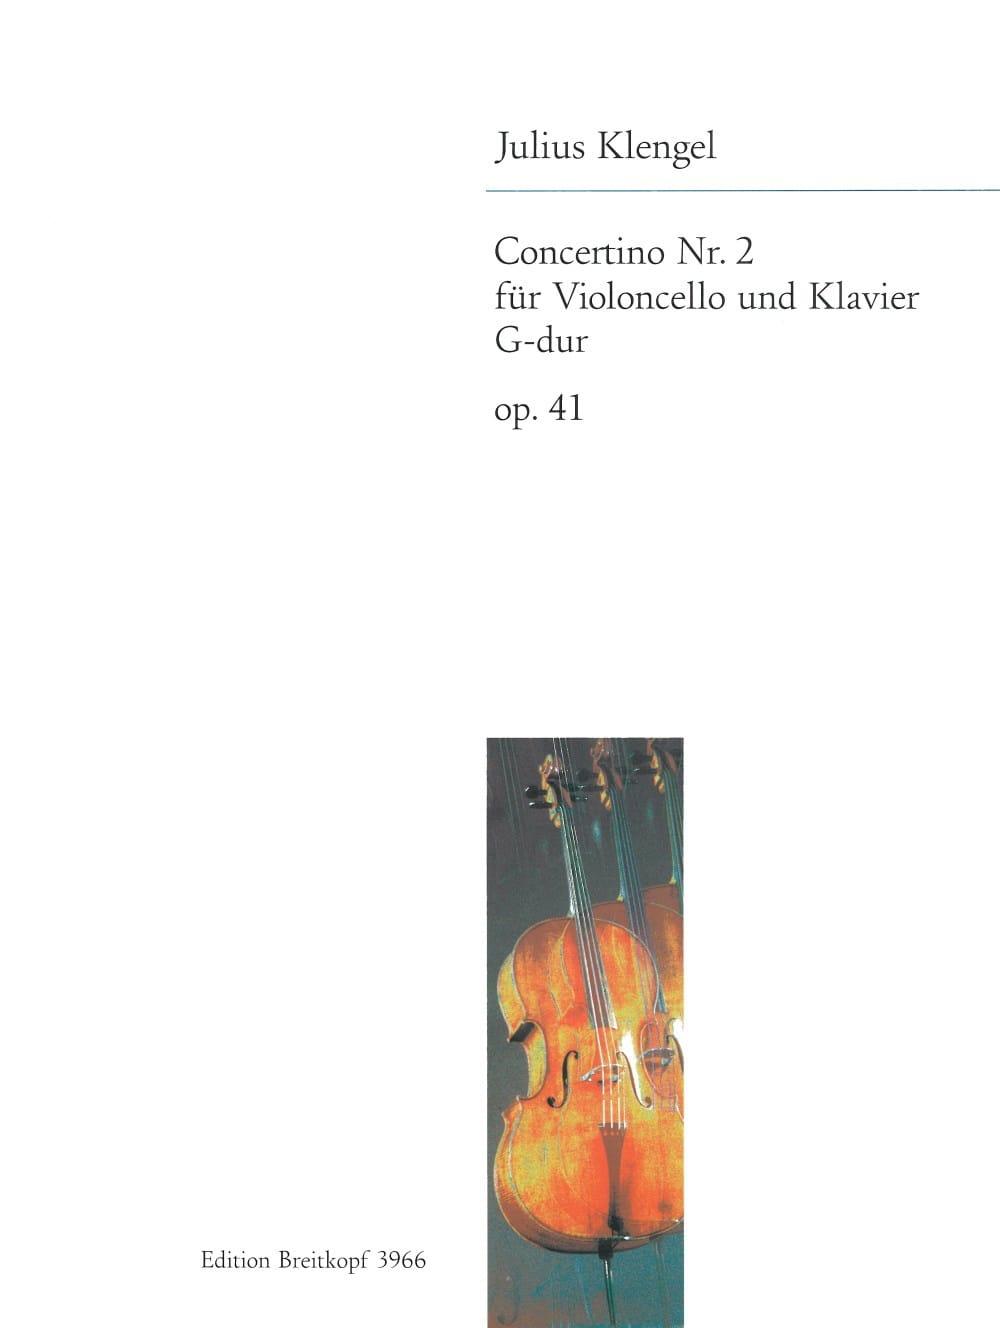 Concertino n° 2 G-Dur op. 41 - Julius Klengel - laflutedepan.com